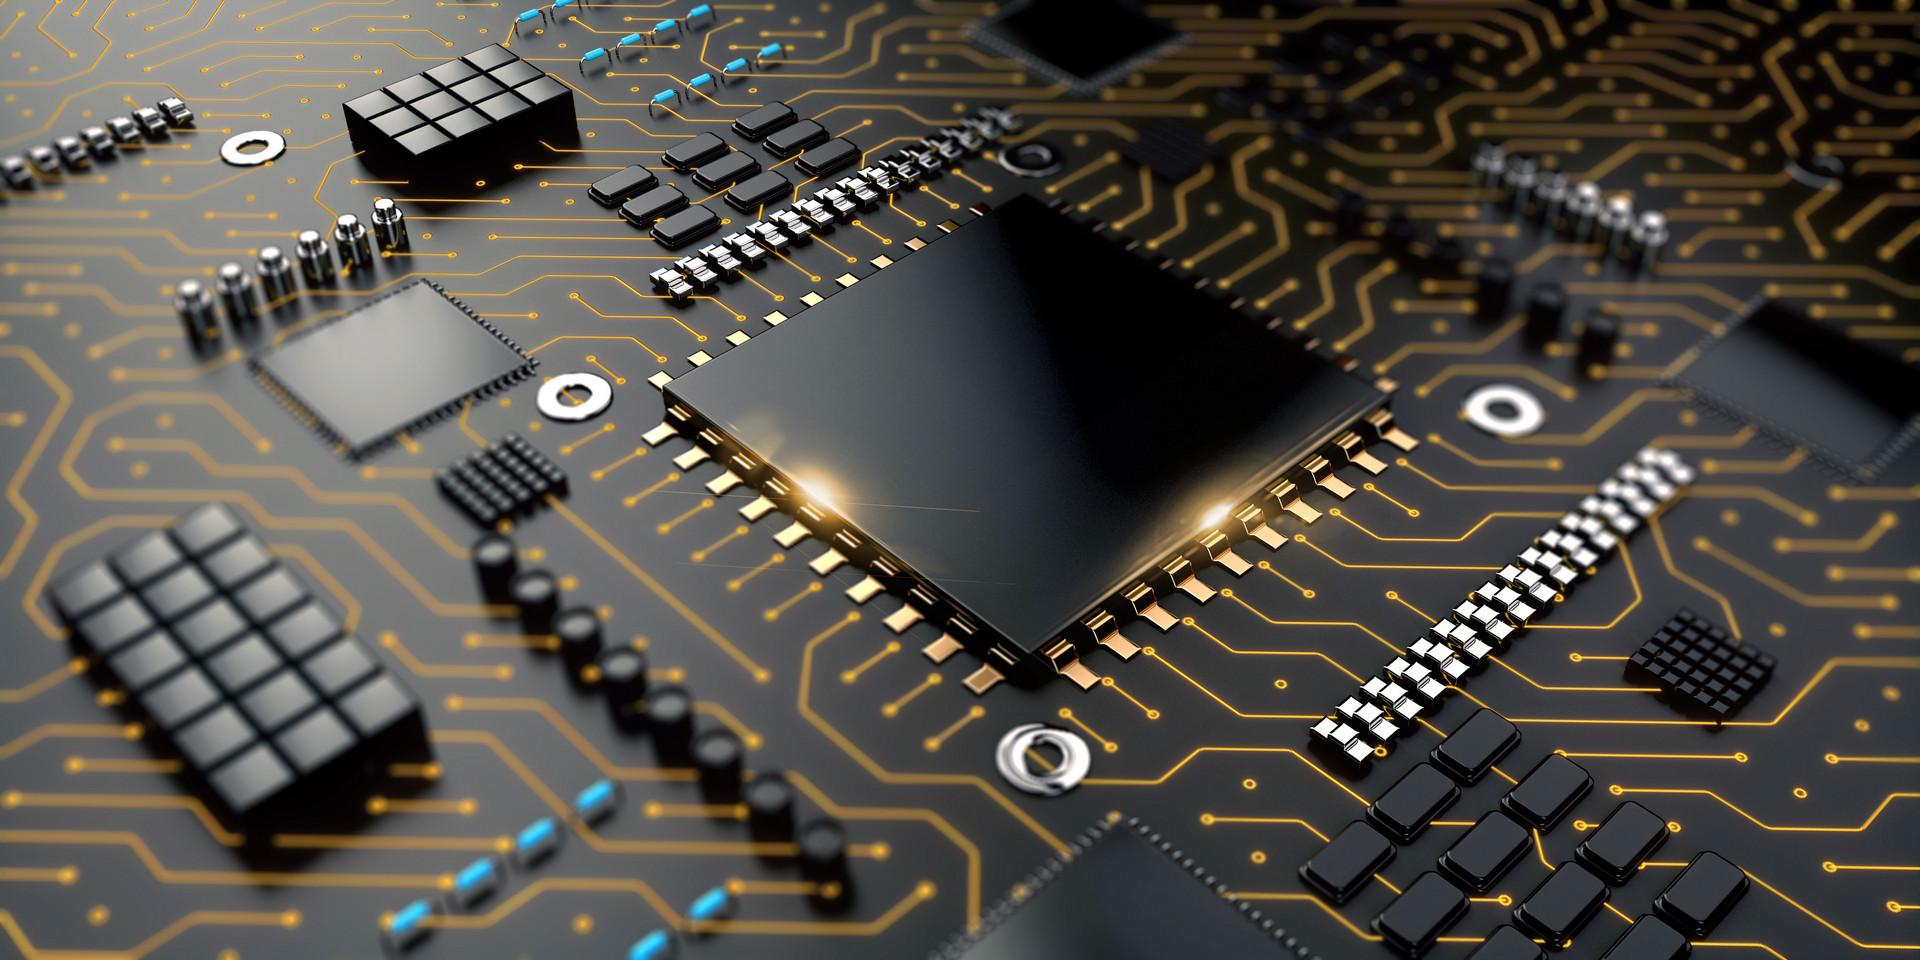 中微公司董事长尹志尧:将建立一个临港半导体设备和材料产业基地